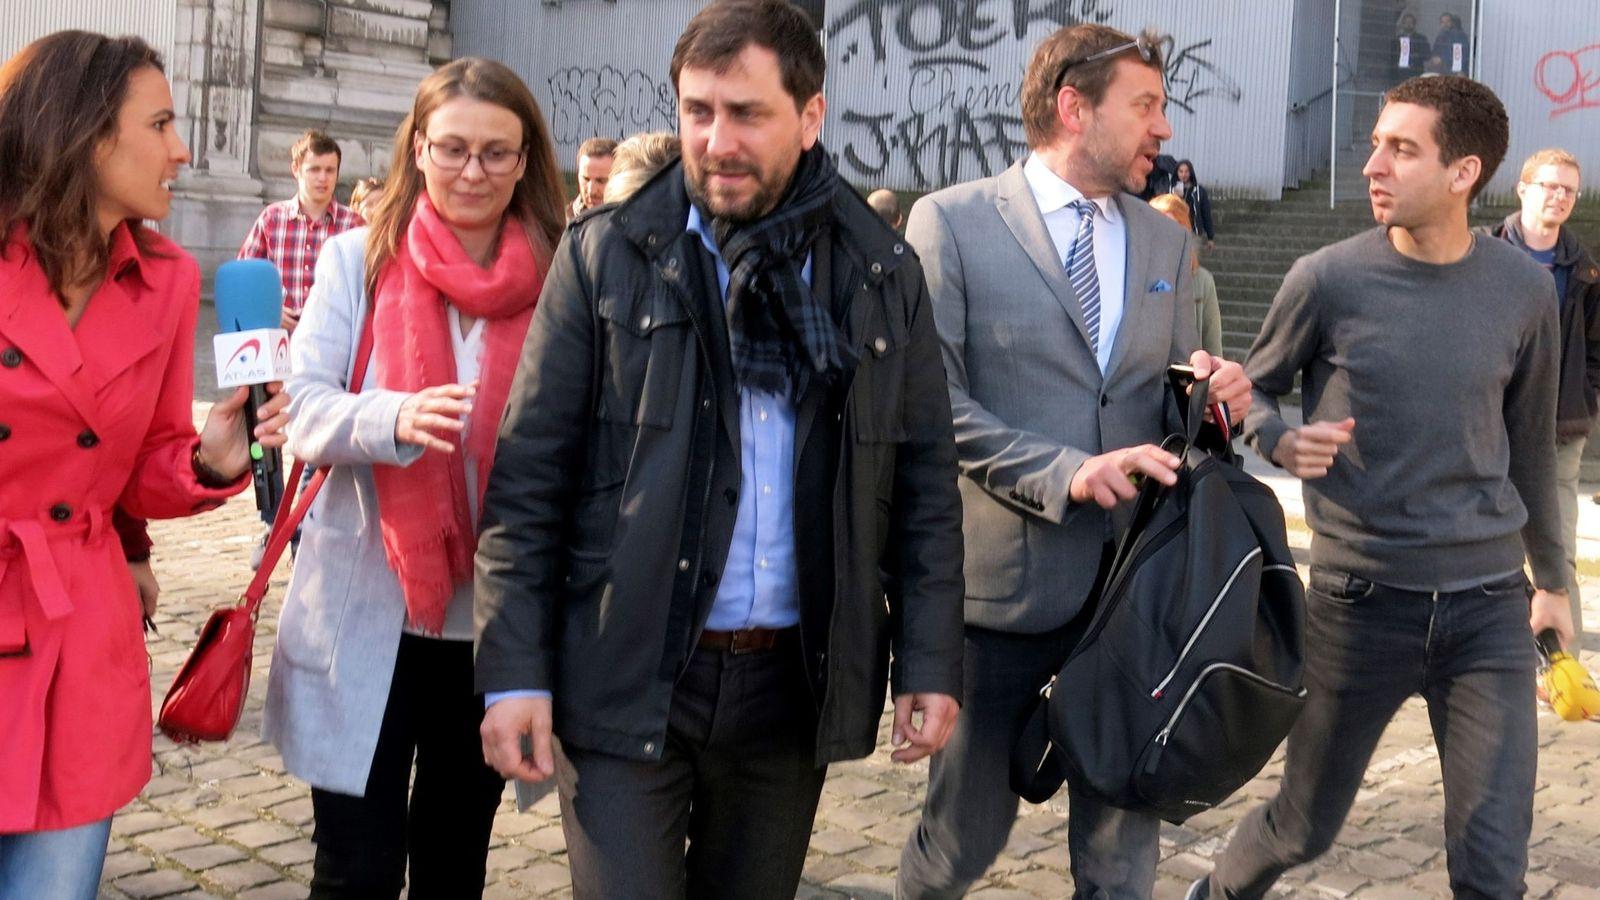 Foto: os ex consellers en Bélgica Meritxell Serret (2d), Toni Comín (c), y el abogado belga Christophe Marchand a la salida del tribunal de primera instancia de Bruselas en abril. (EFE)